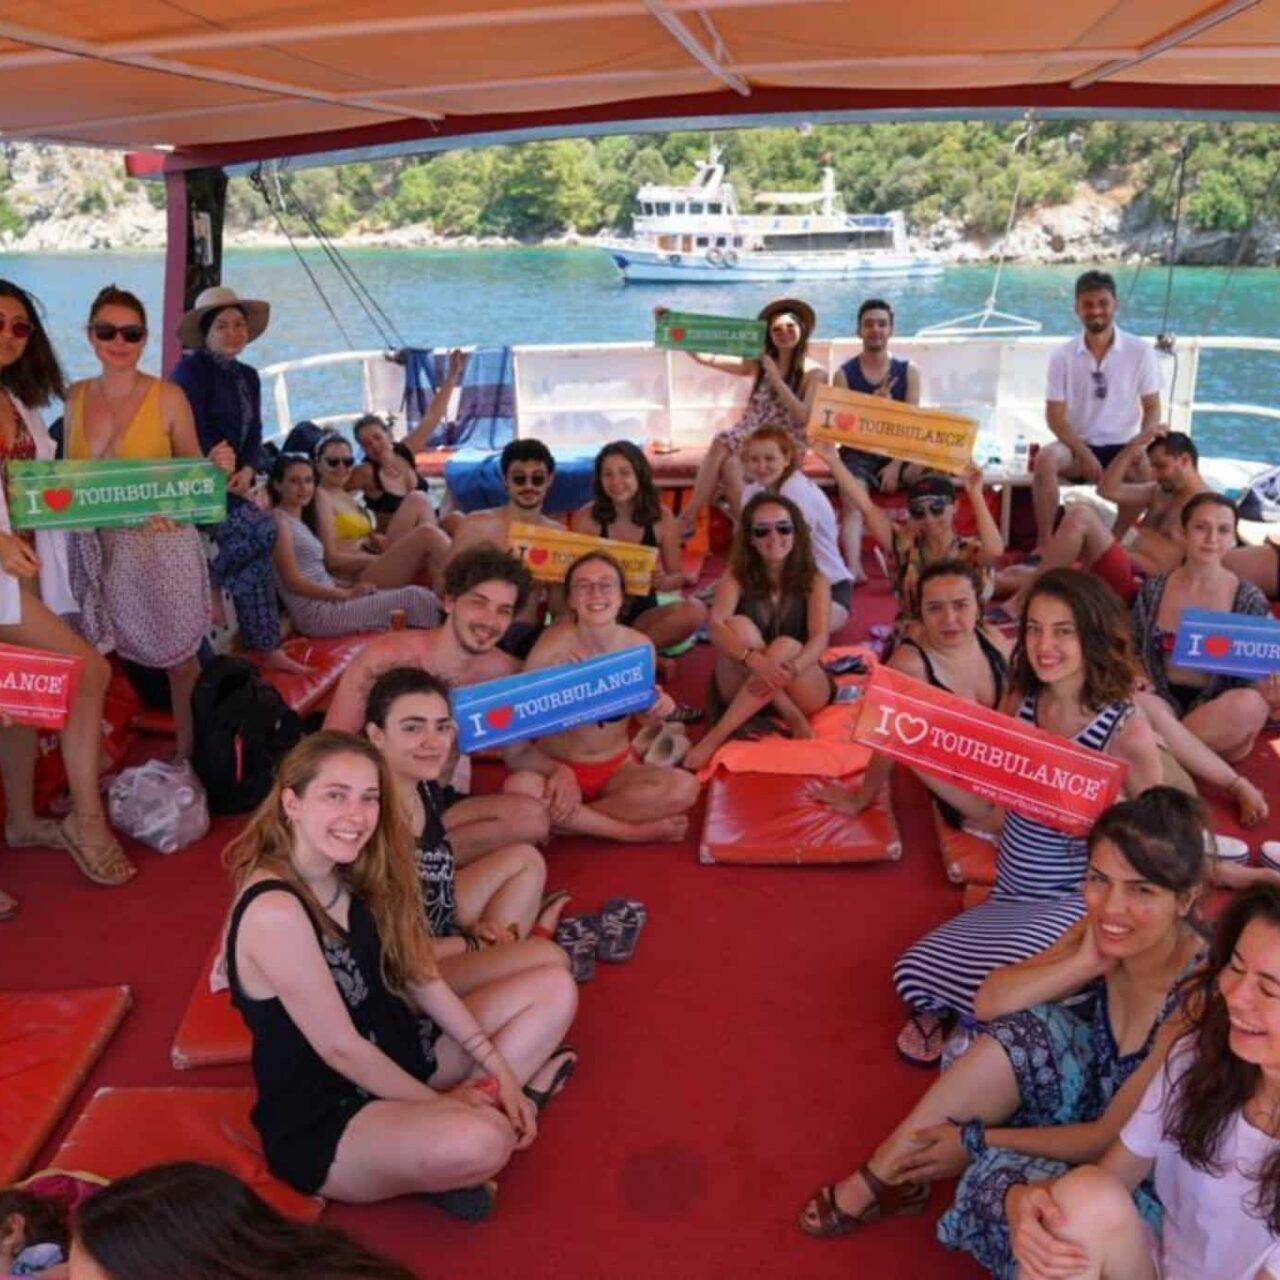 Tourbulance Camp, Çadır Kampı, Yaz Kampı, Gençlik Kampı, Gençlik Kampları, Kamp Tatili.